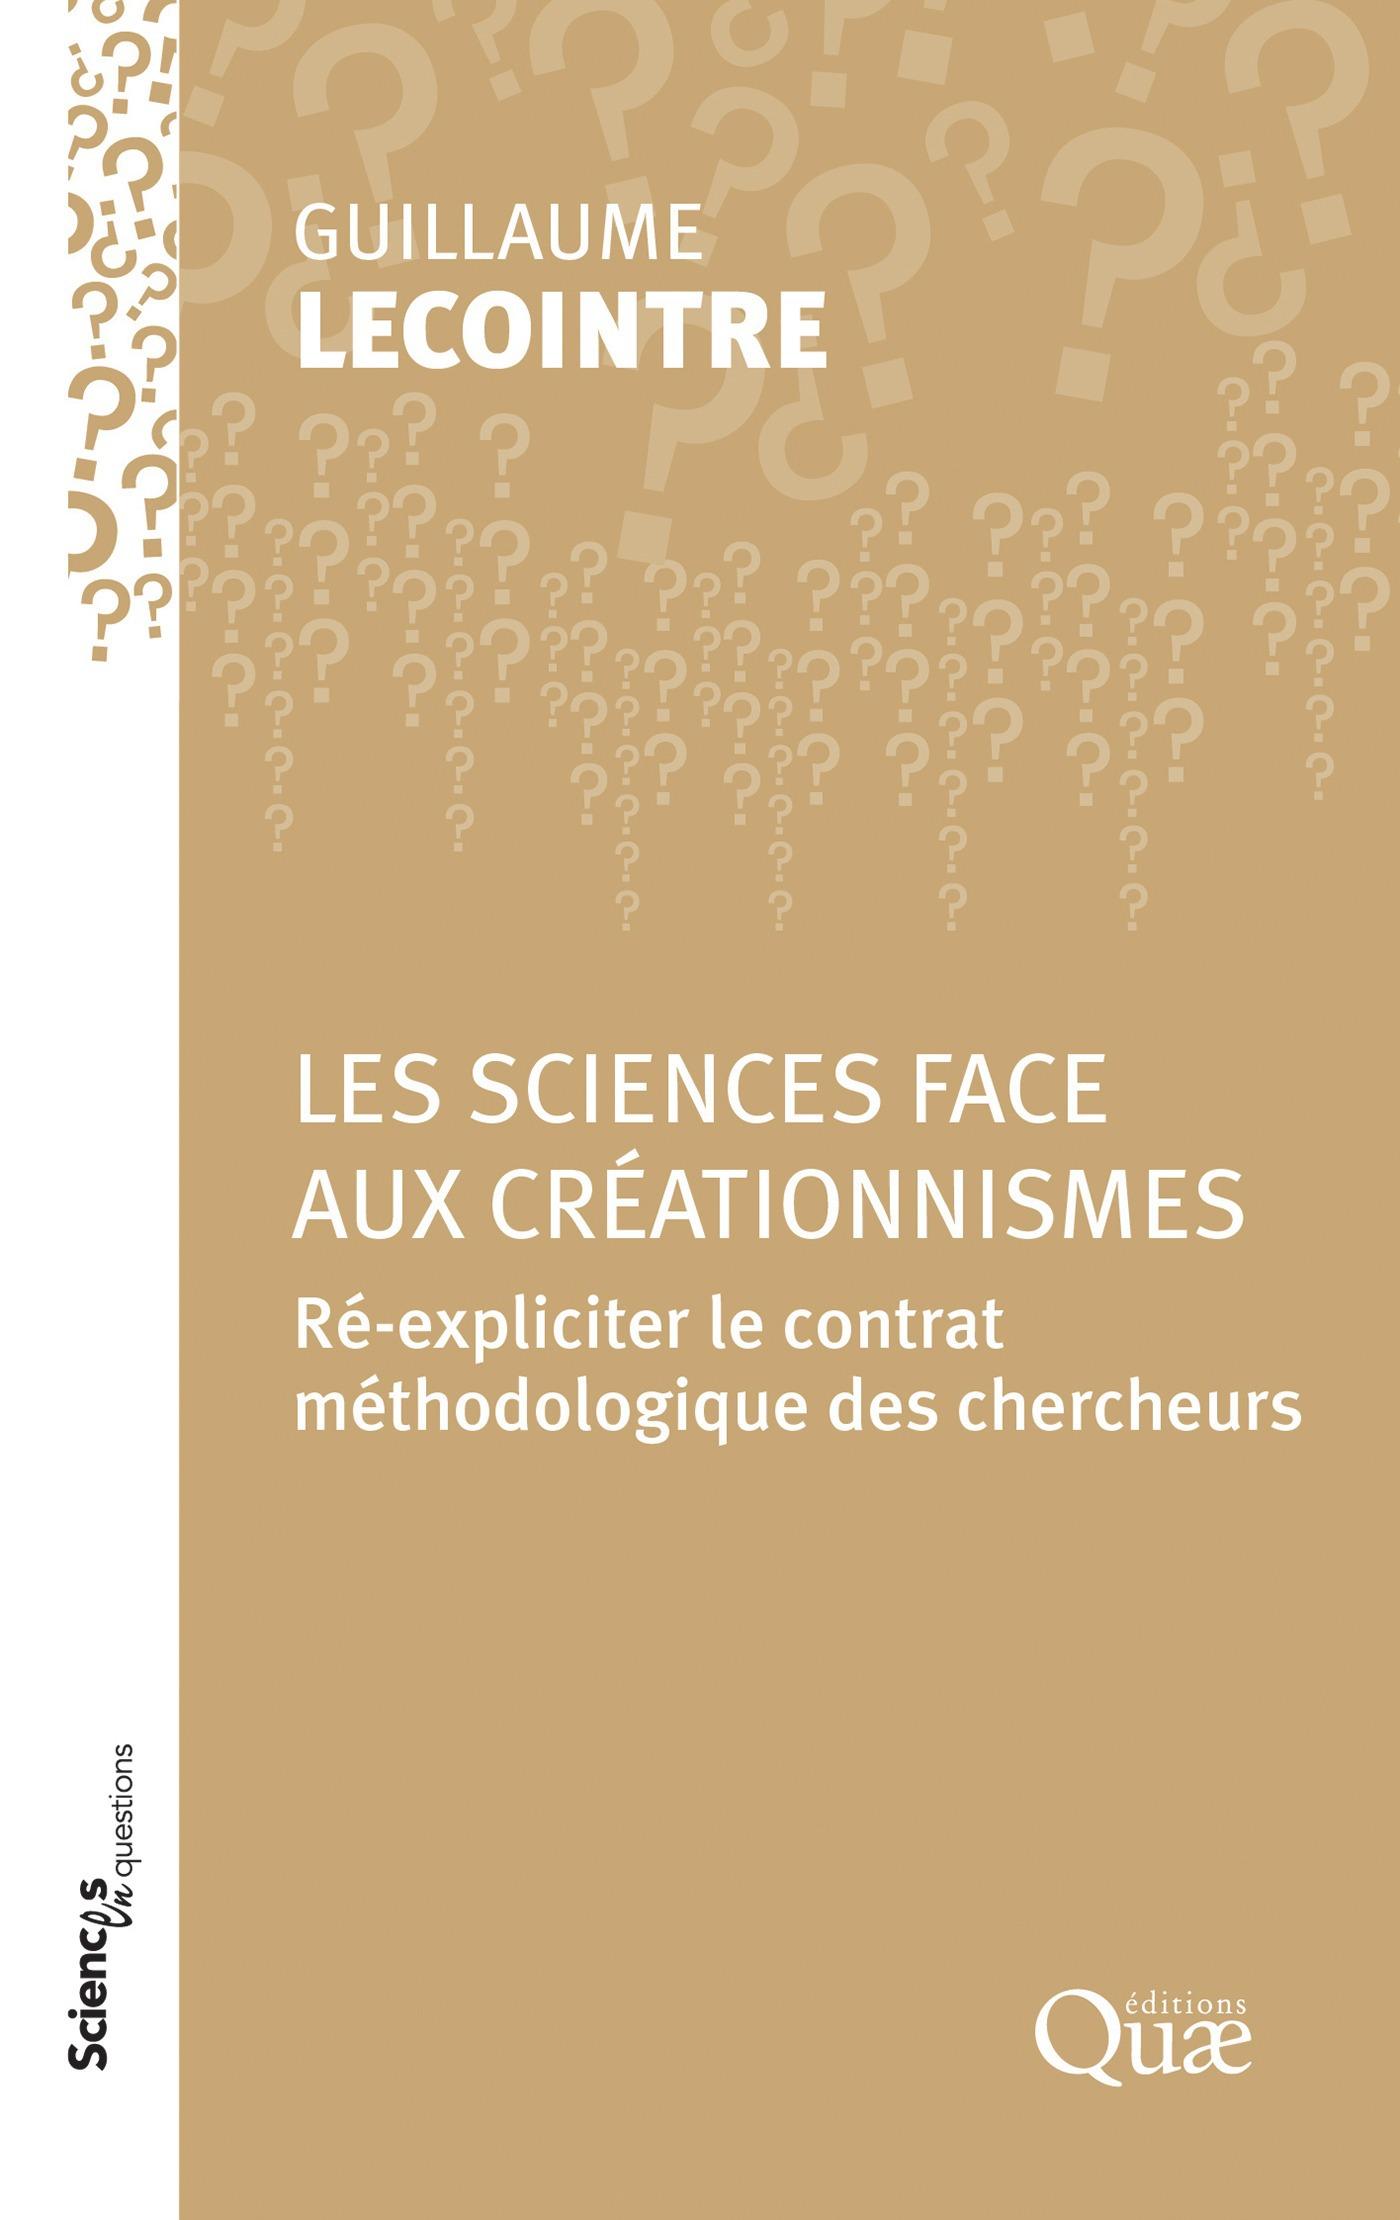 Les sciences face aux créationnismes ; ré-expliciter le contrat méthodologique des chercheurs